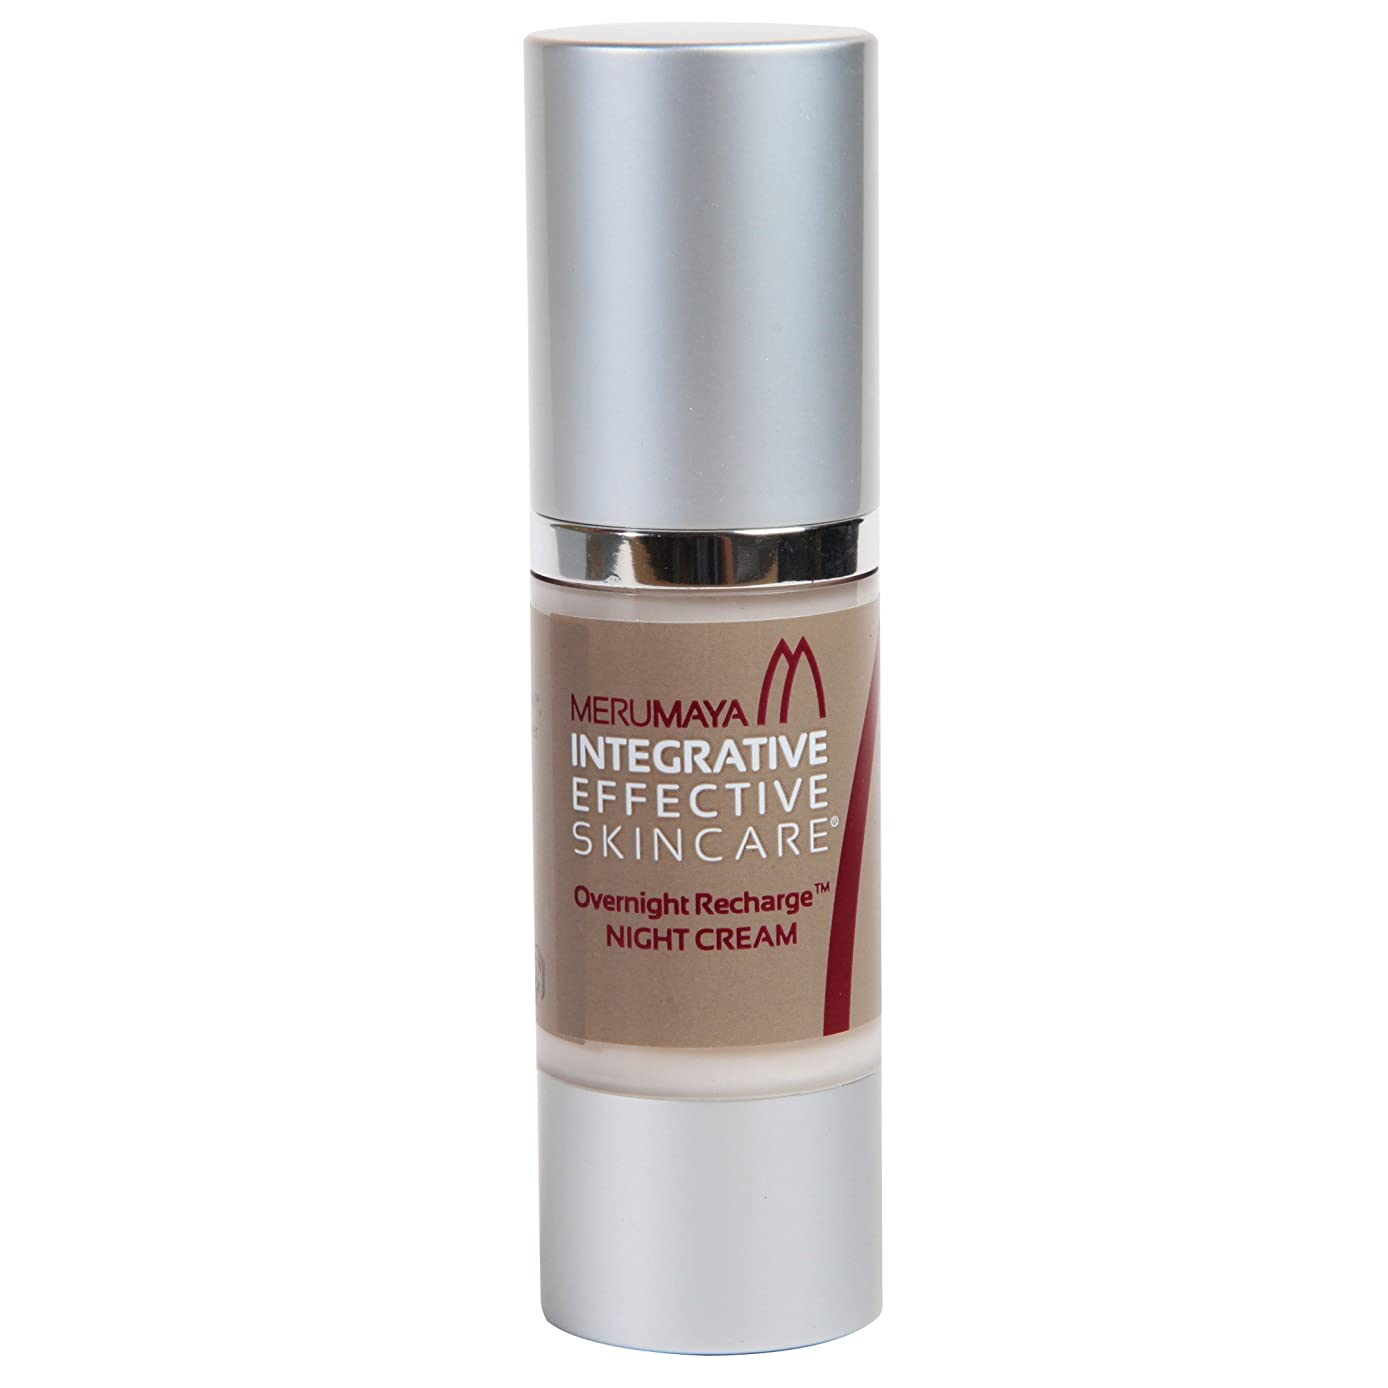 フェデレーション印刷する悲しいMerumaya一晩充電ナイトクリーム30ミリリットル (Merumaya) (x6) - Merumaya Overnight Recharge Night Cream 30ml (Pack of 6) [並行輸入品]